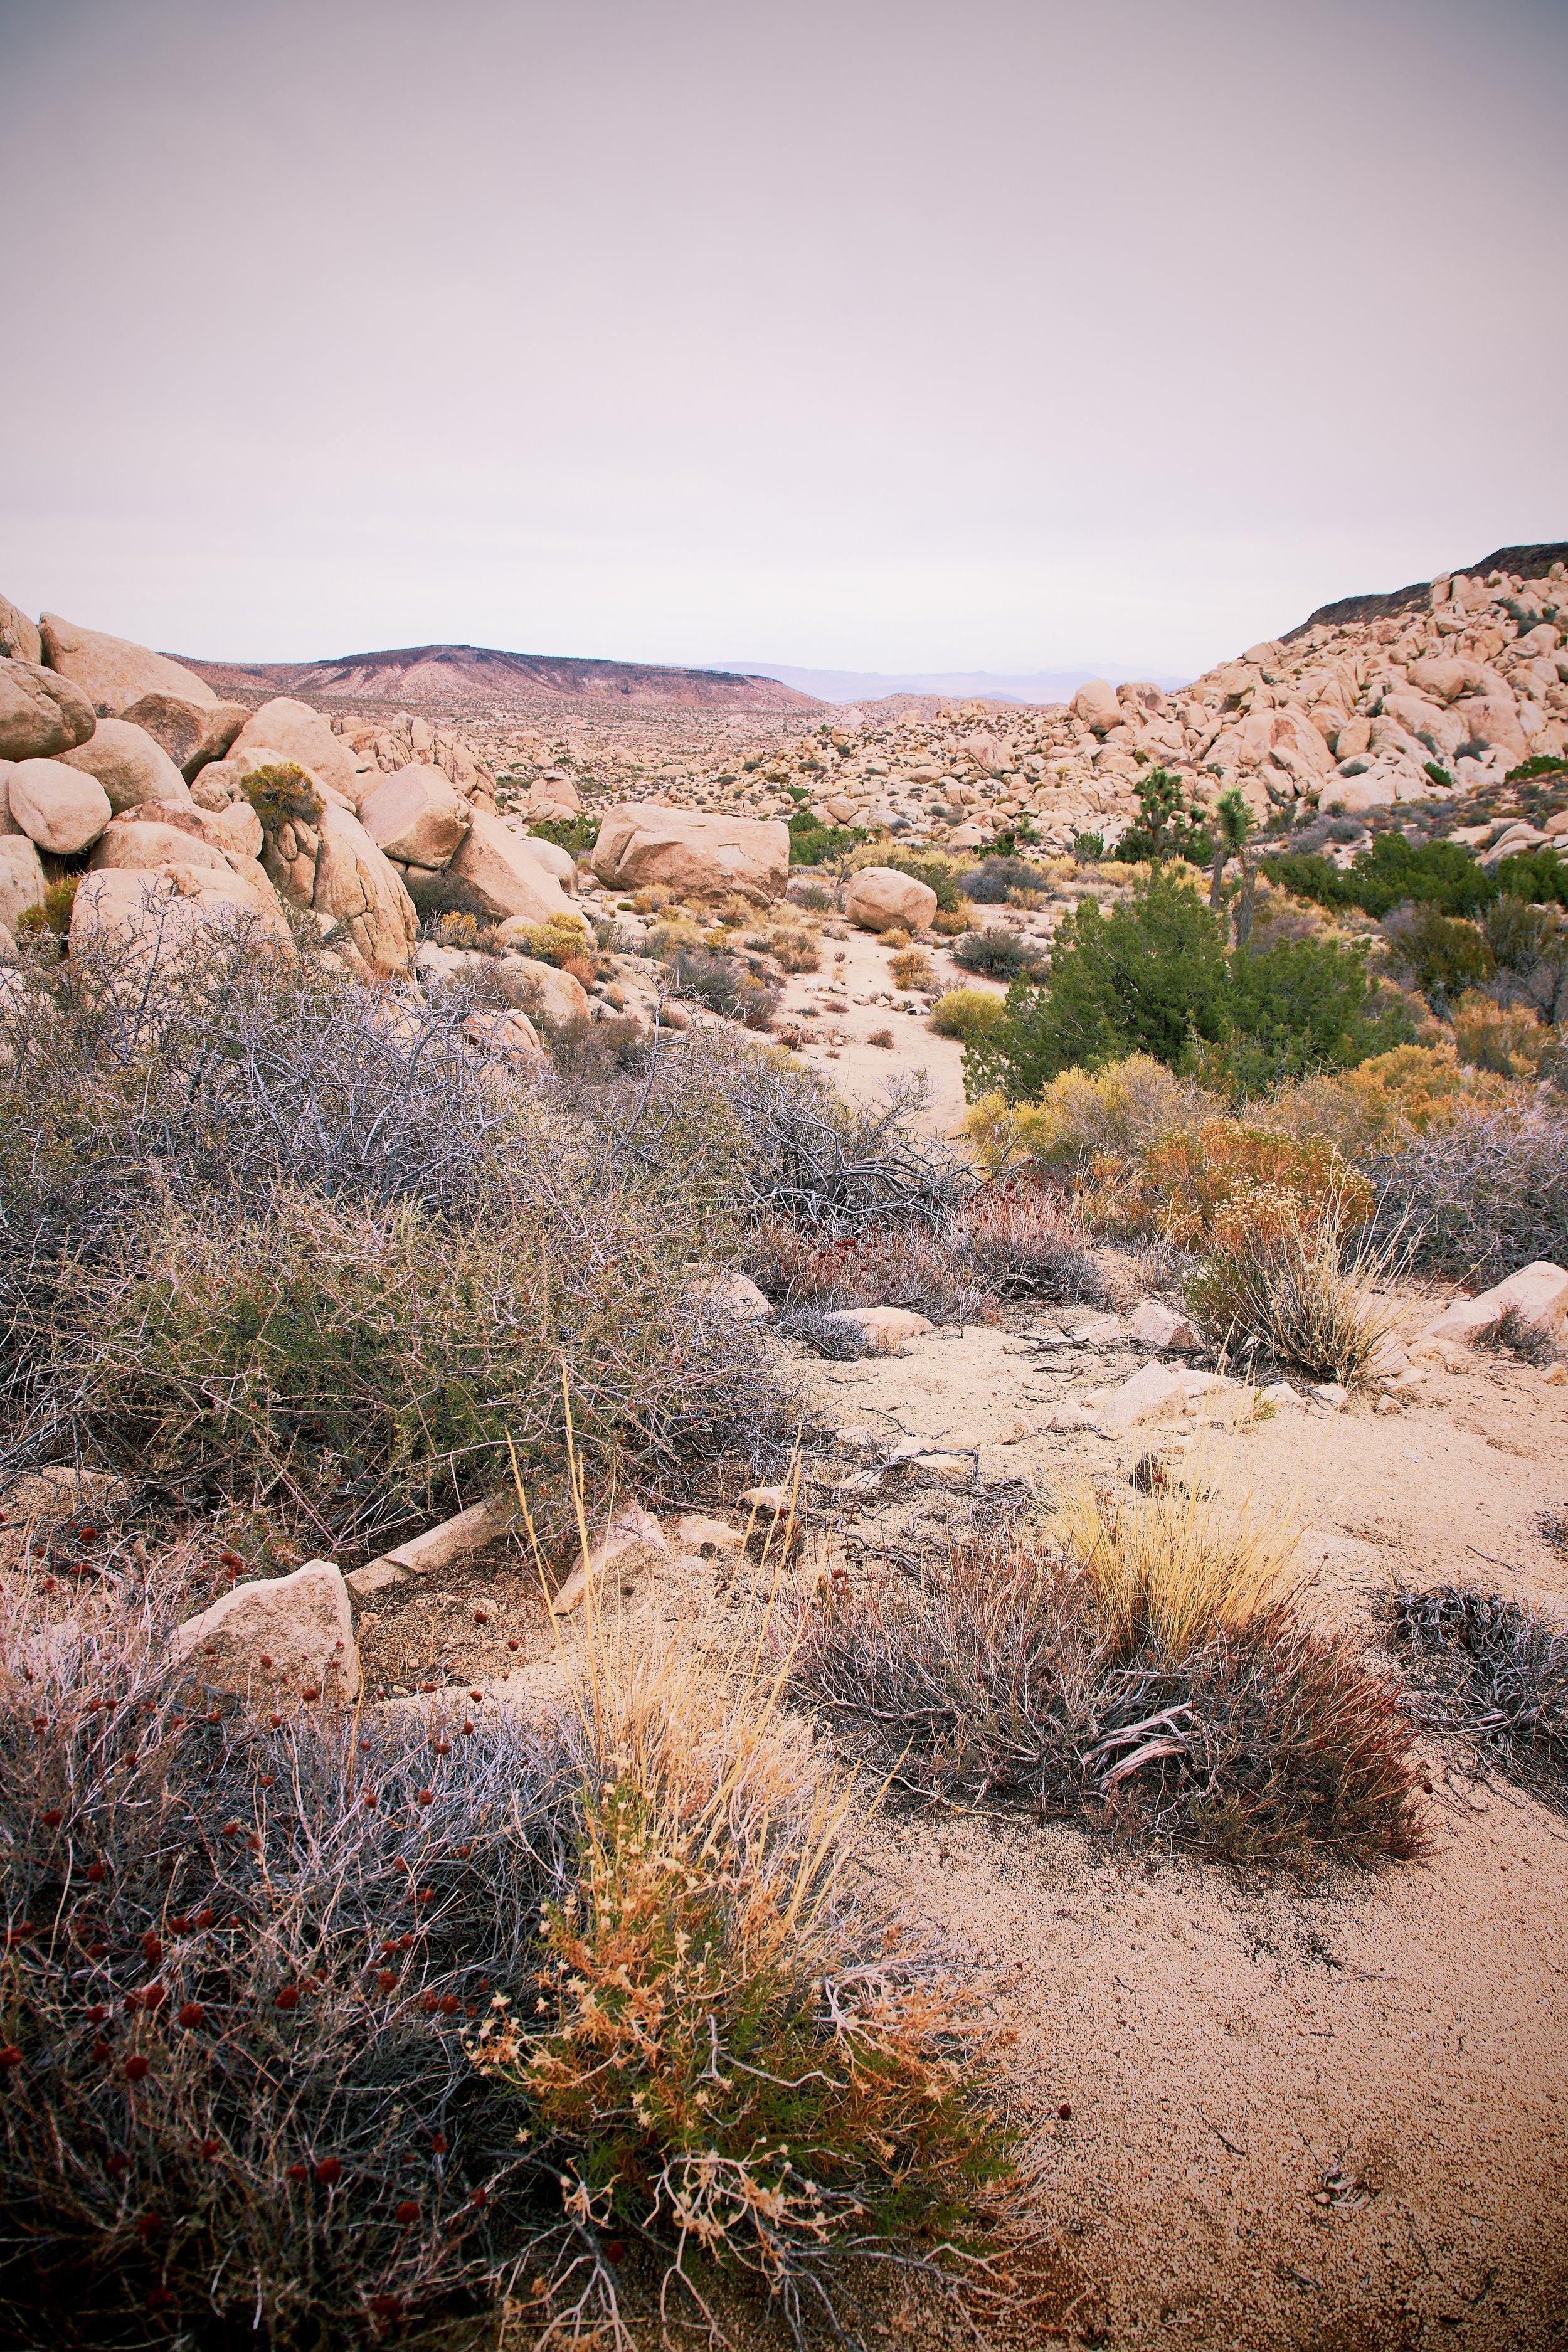 IMG_7260_x desert hike.jpg